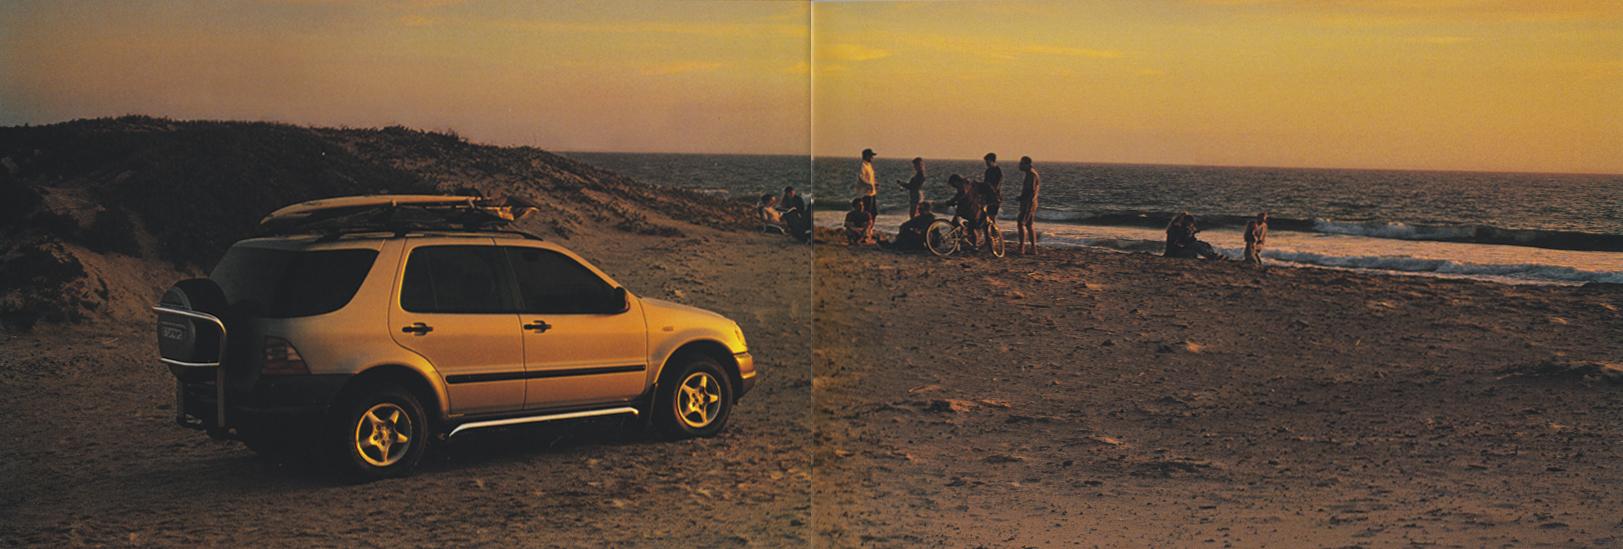 (W163): Catálogo 2000 - alemão 007